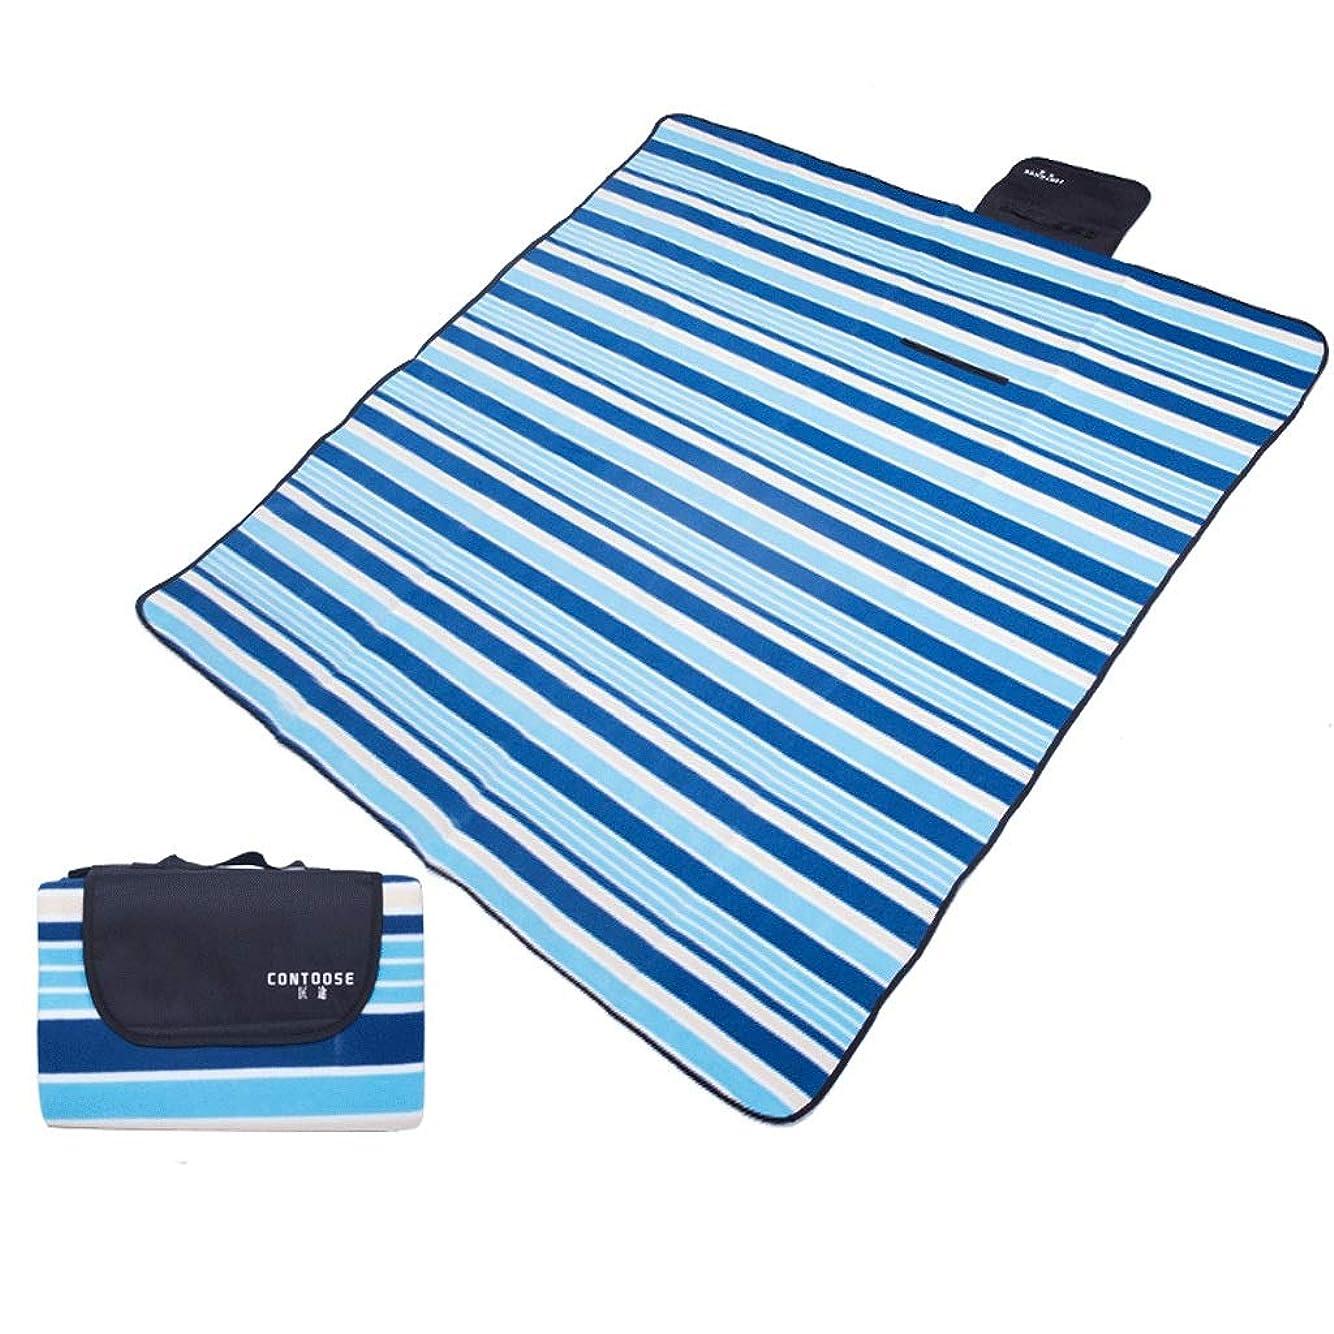 キモいこんにちは竜巻肌にやさしい ピクニック毛布高密度スエードピクニックマット折りたたみ防湿ピクニック毛布厚い春ツアー/ピクニックバーベキュー毛布 通気性 (Color : A)